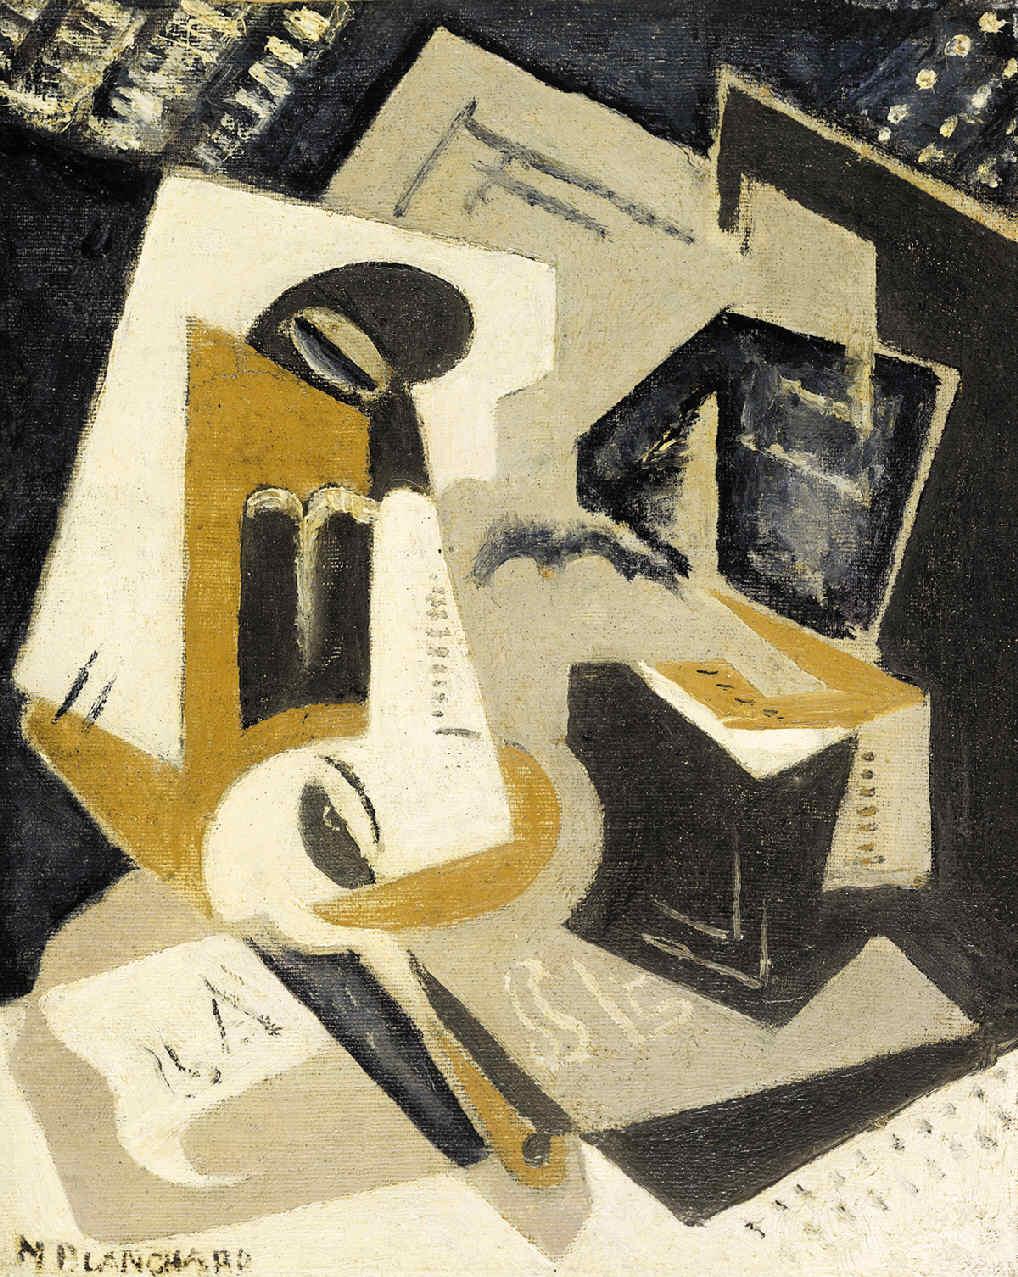 BLANCHARD, María, <i>Composición cubista</i>